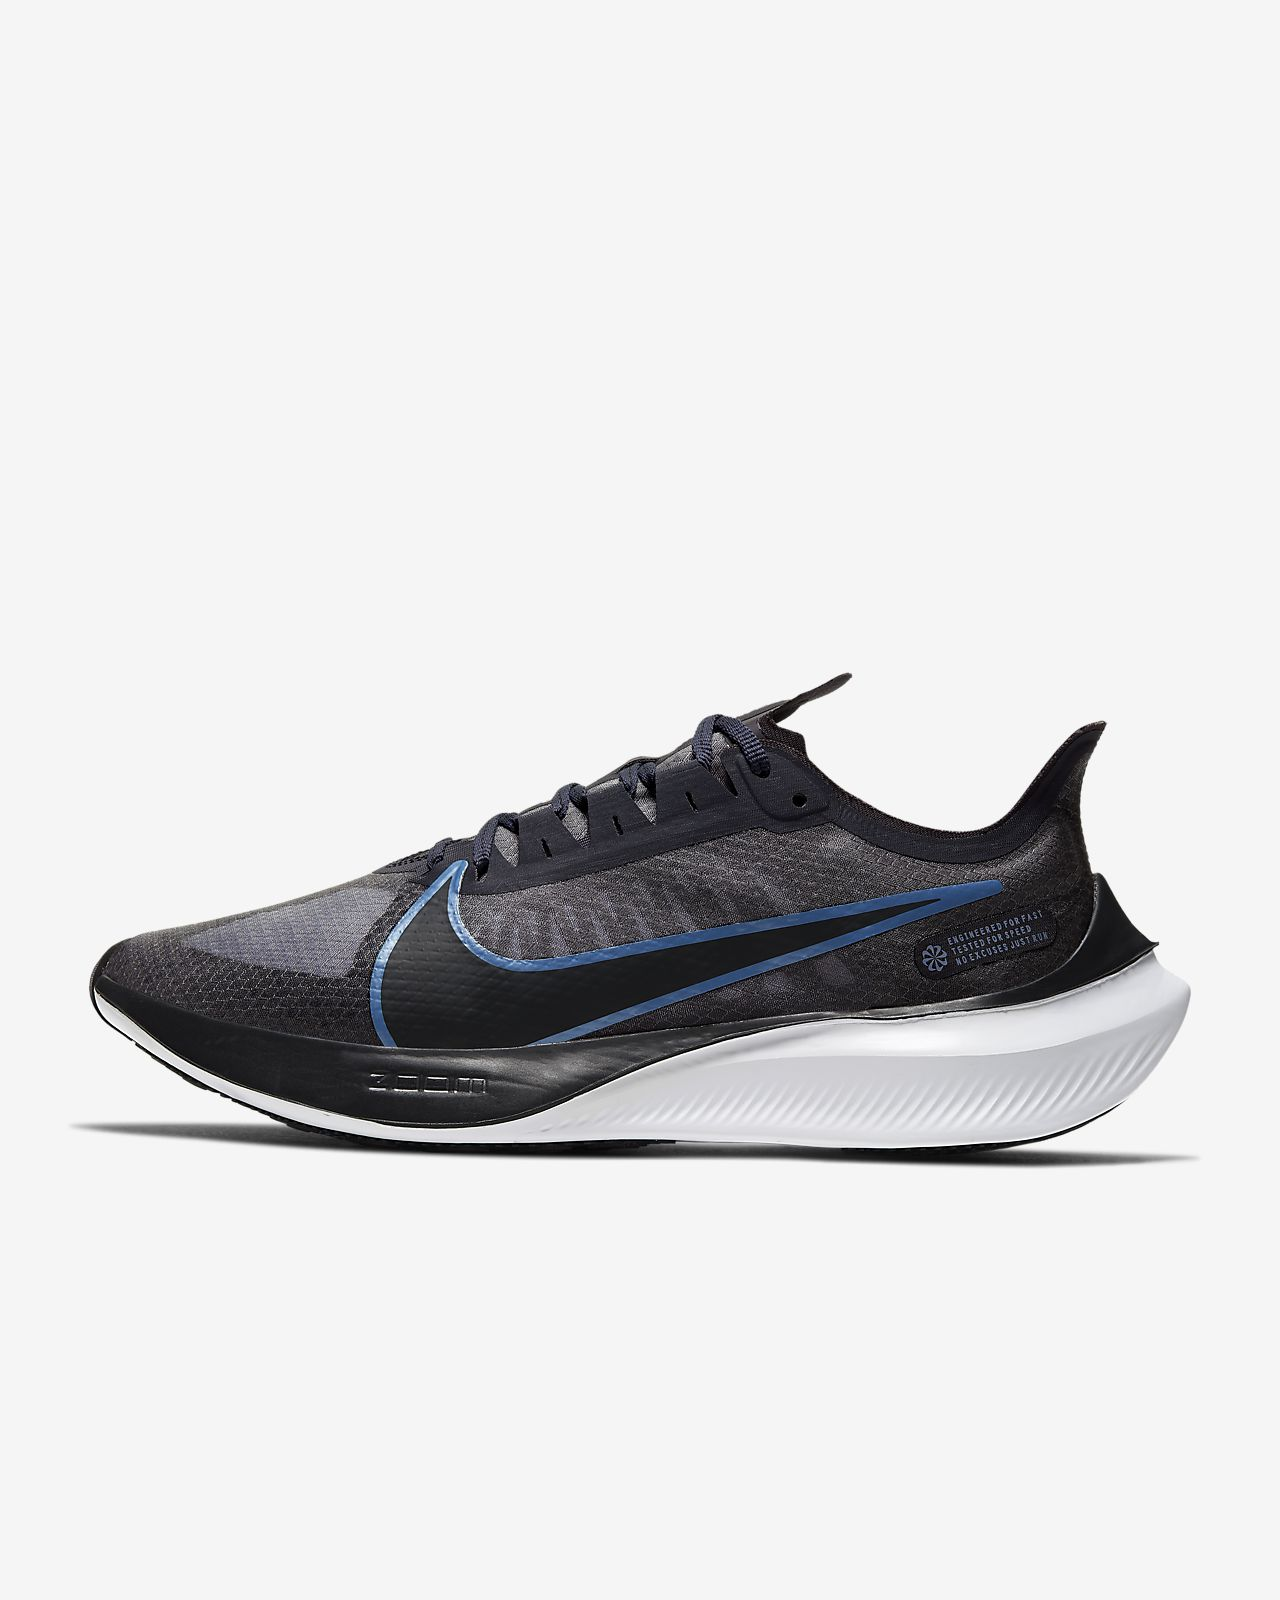 Nike Zoom Gravity Zapatillas de running - Hombre